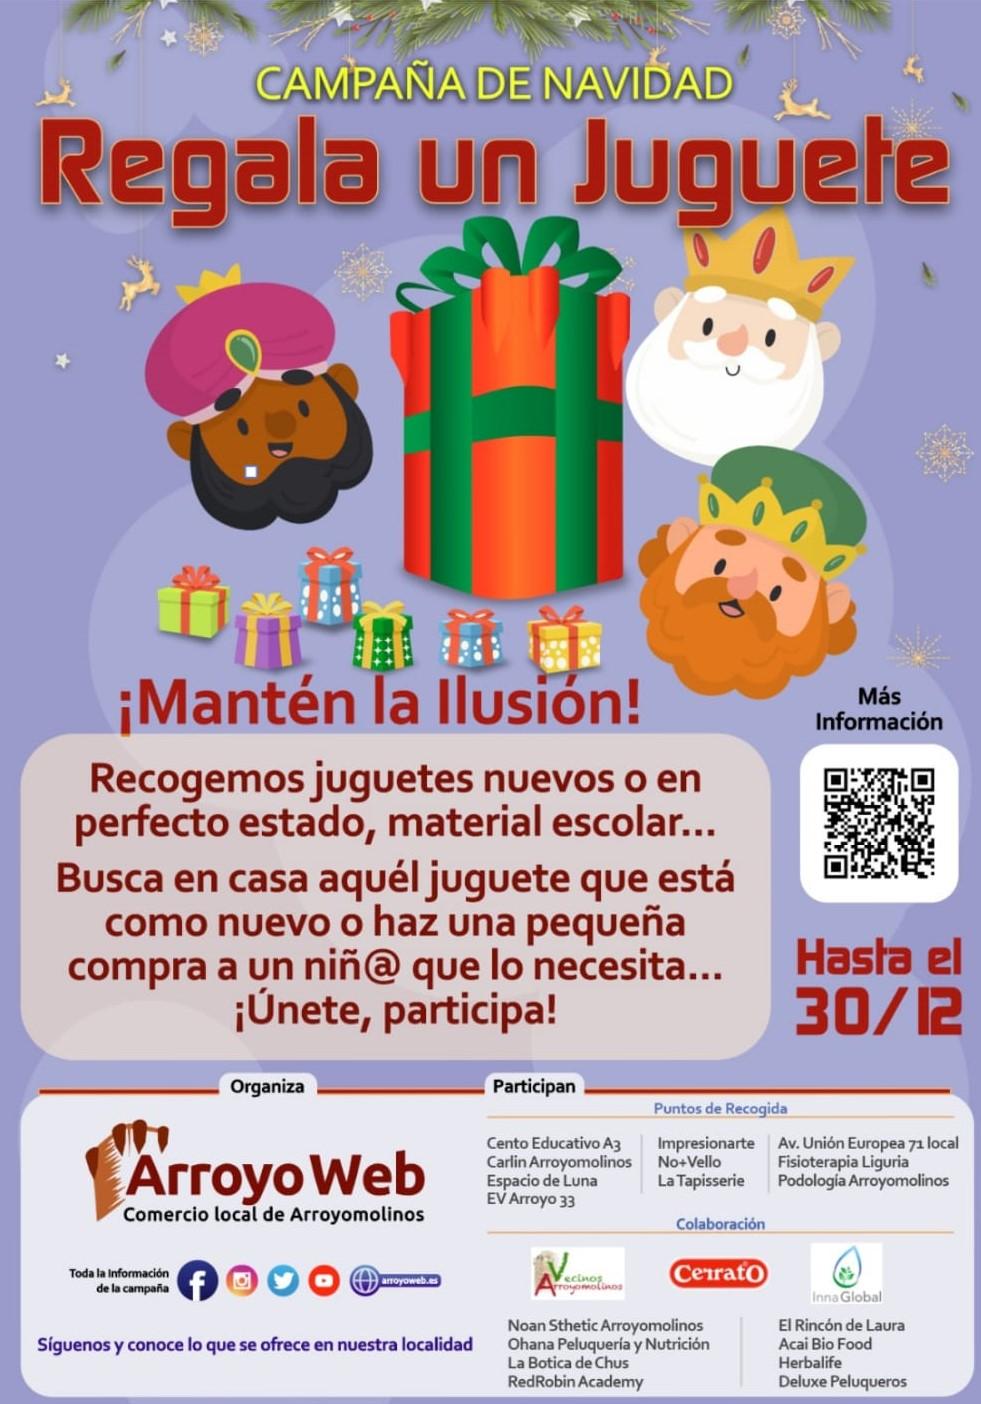 Colaboramos en la campaña solidaria de recogida y desinfección de regalos antes de los Reyes Magos